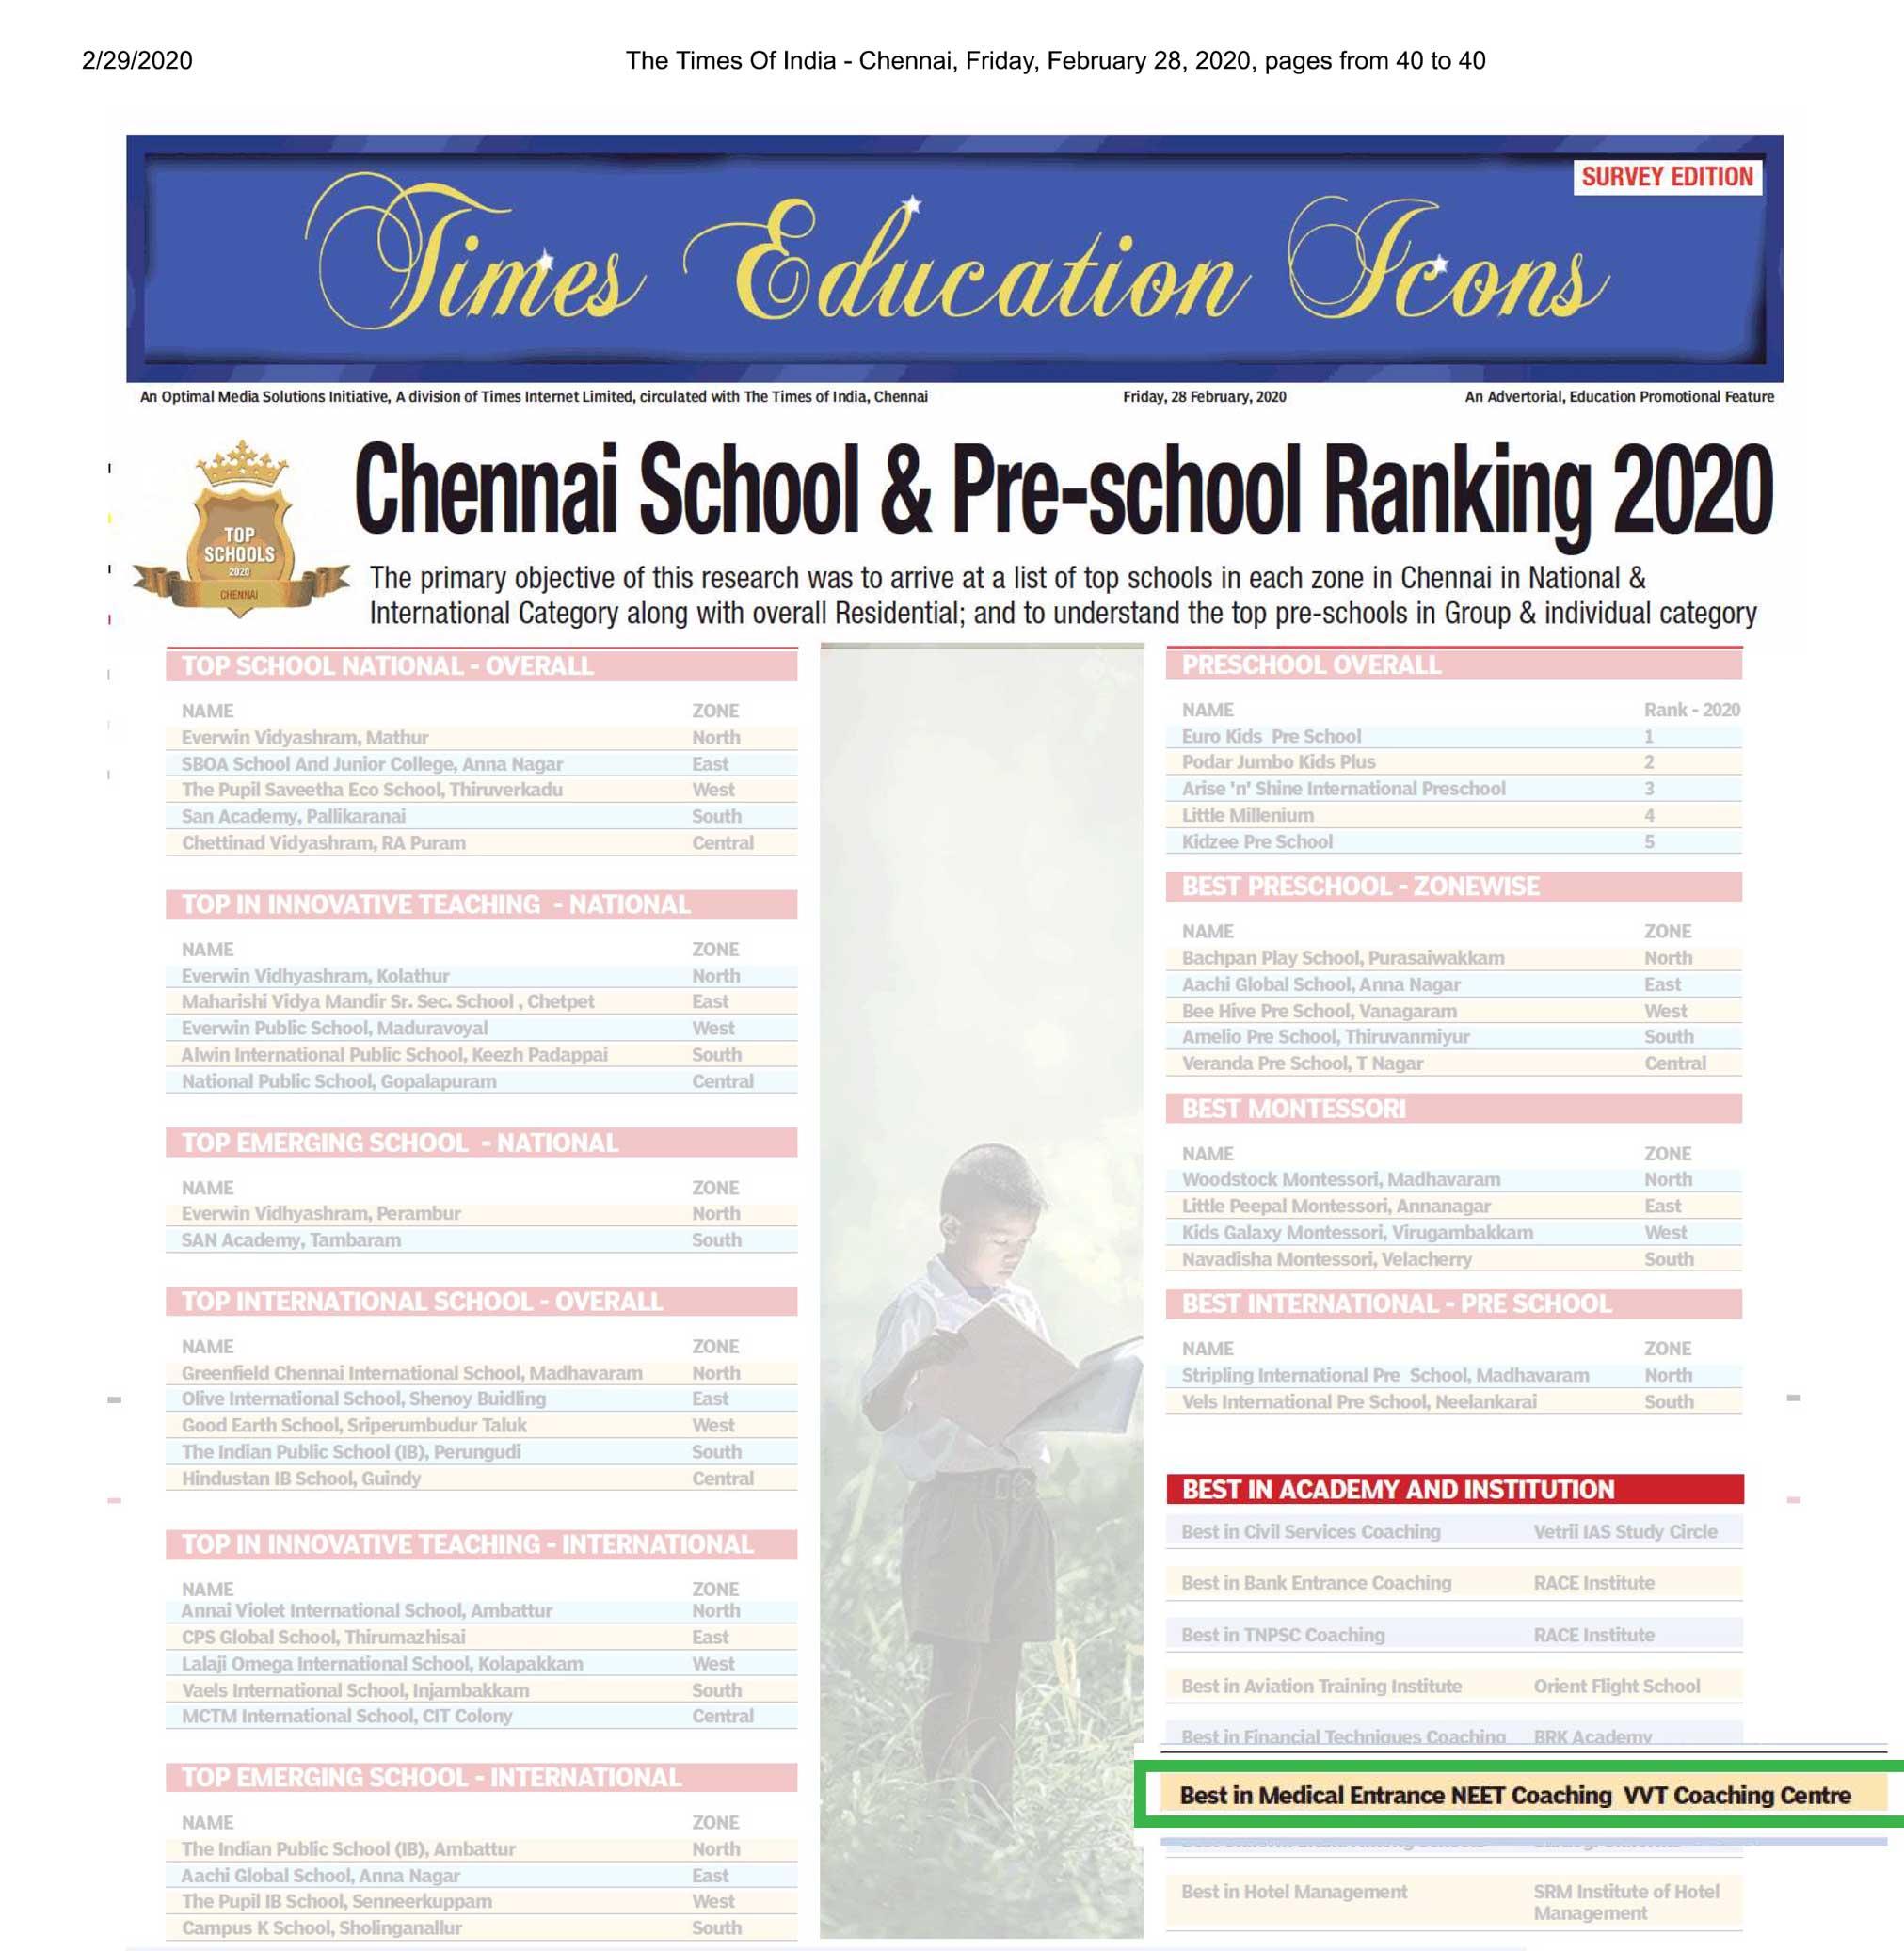 best-neet-coaching-centre-in-chennai-award-thankyou-icon